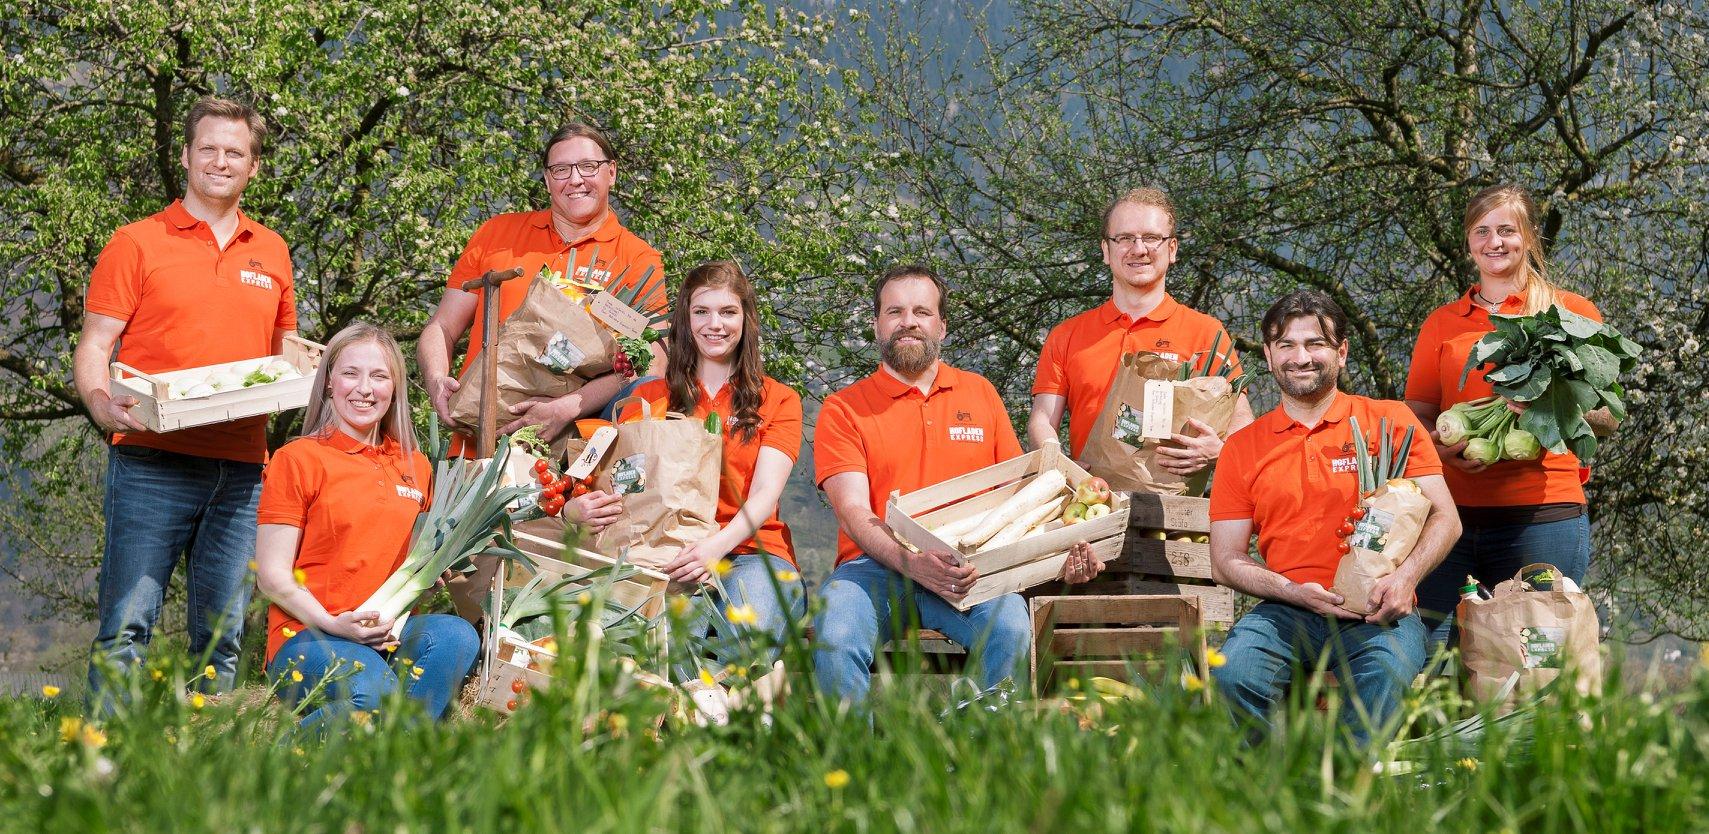 Team Hofladen Express - Startups rund um den Bodensee